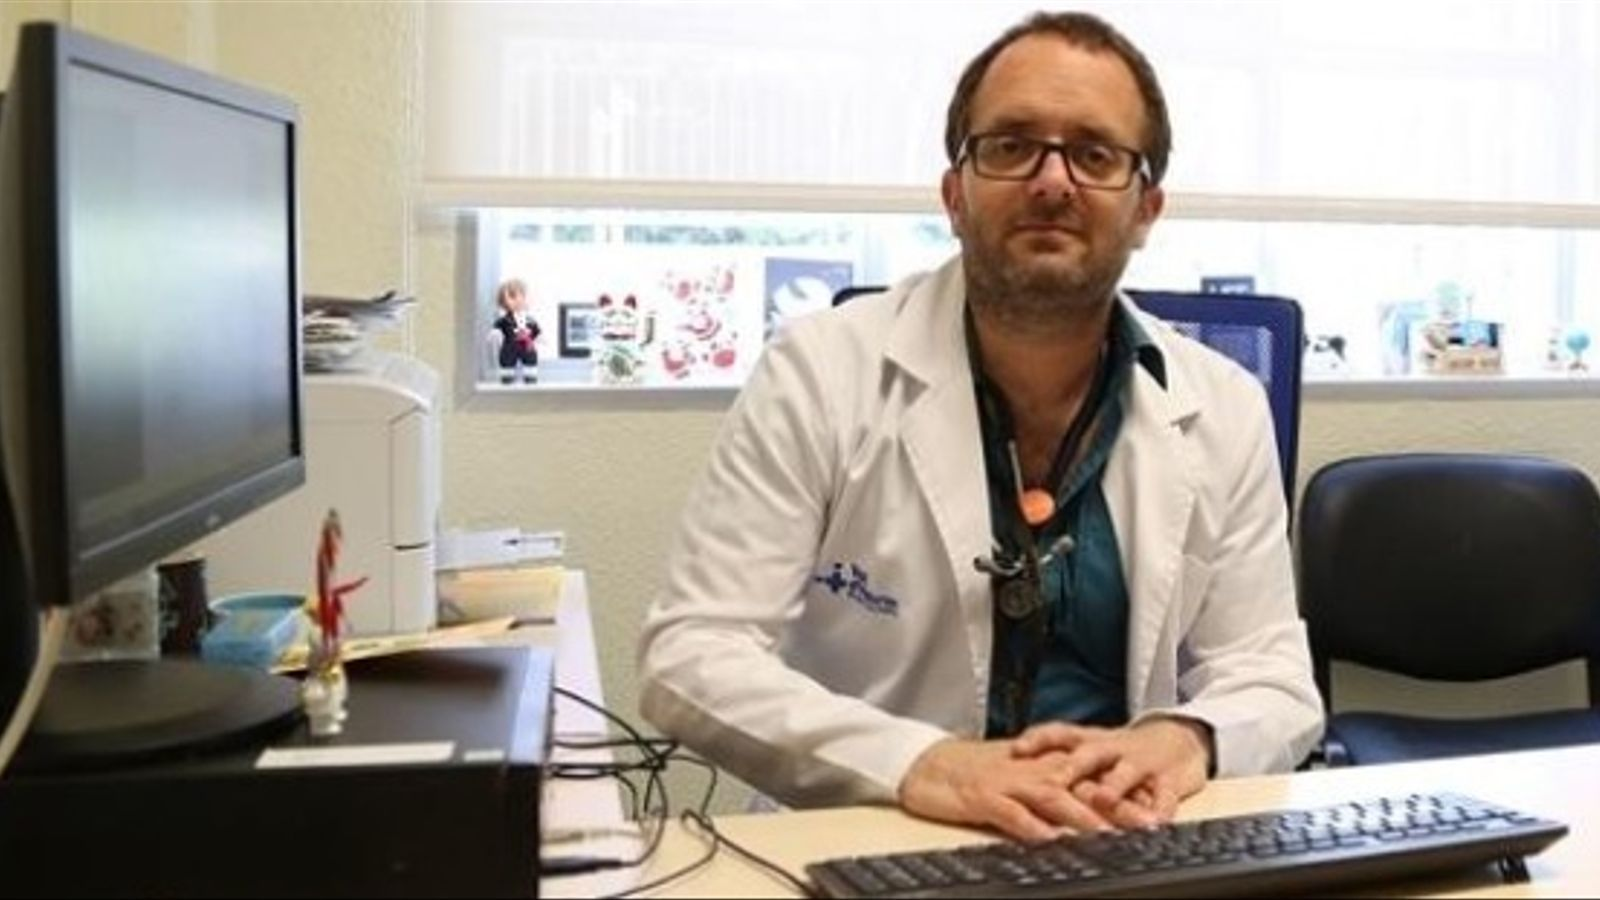 El cap de secció de la unitat de patologia infecciosa i immunodeficiències pediàtriques de l'Hospital de la Vall d'Hebron, Pere Soler / P.S.